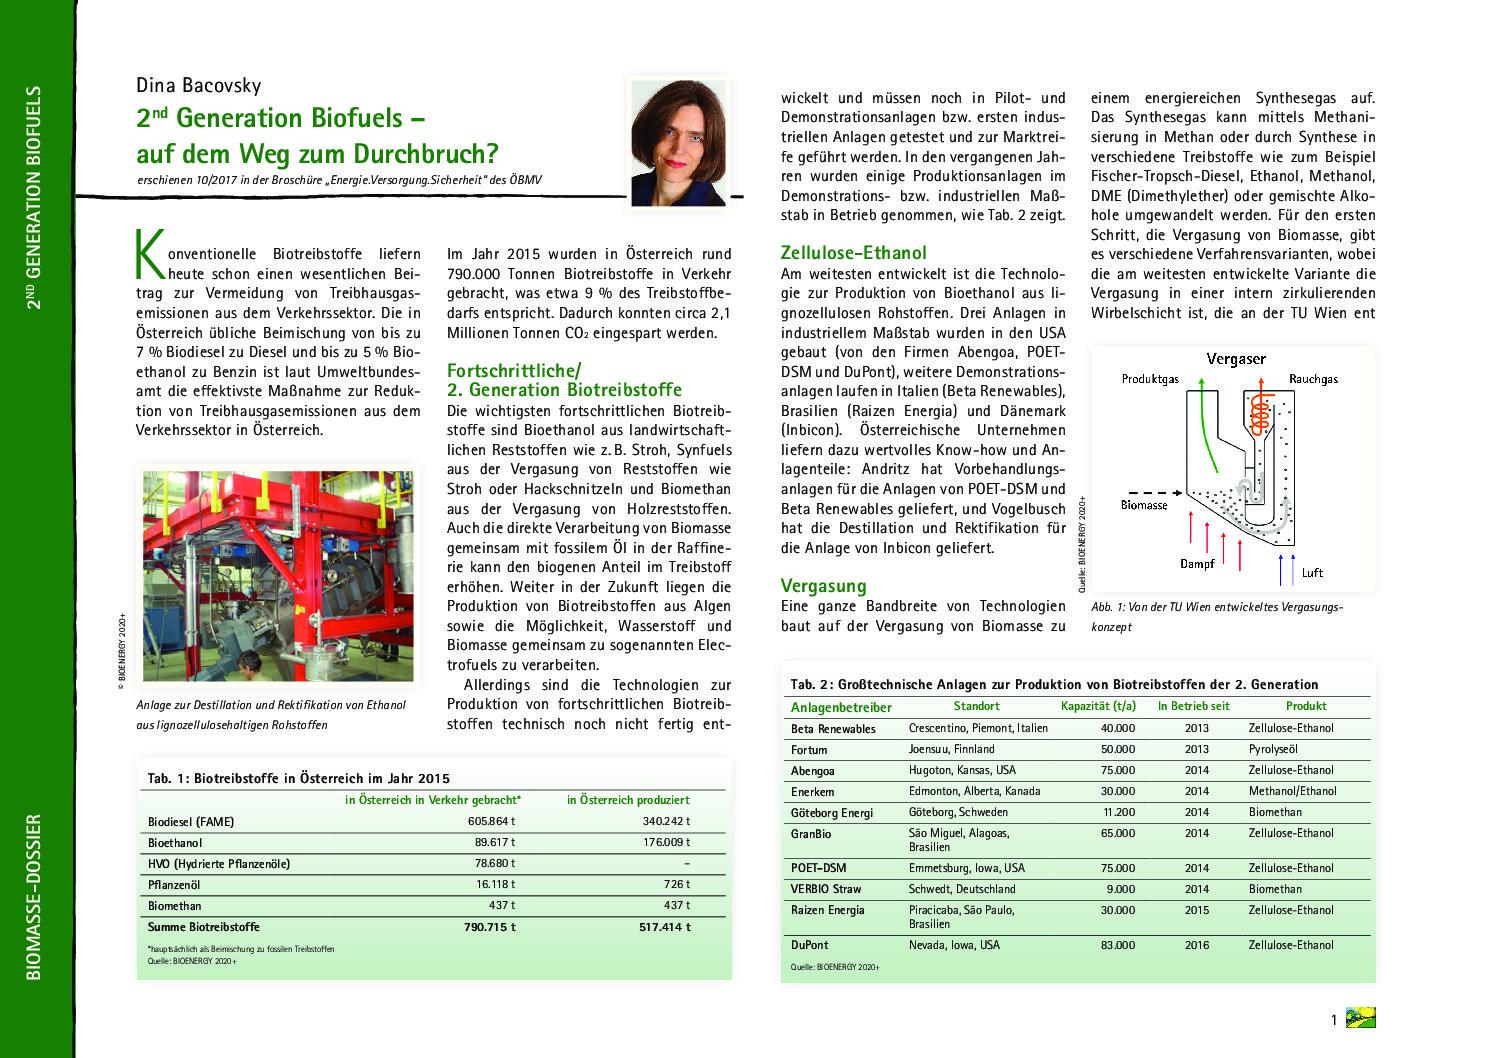 2nd Generation Biofuels – auf dem Weg zum Durchbruch?